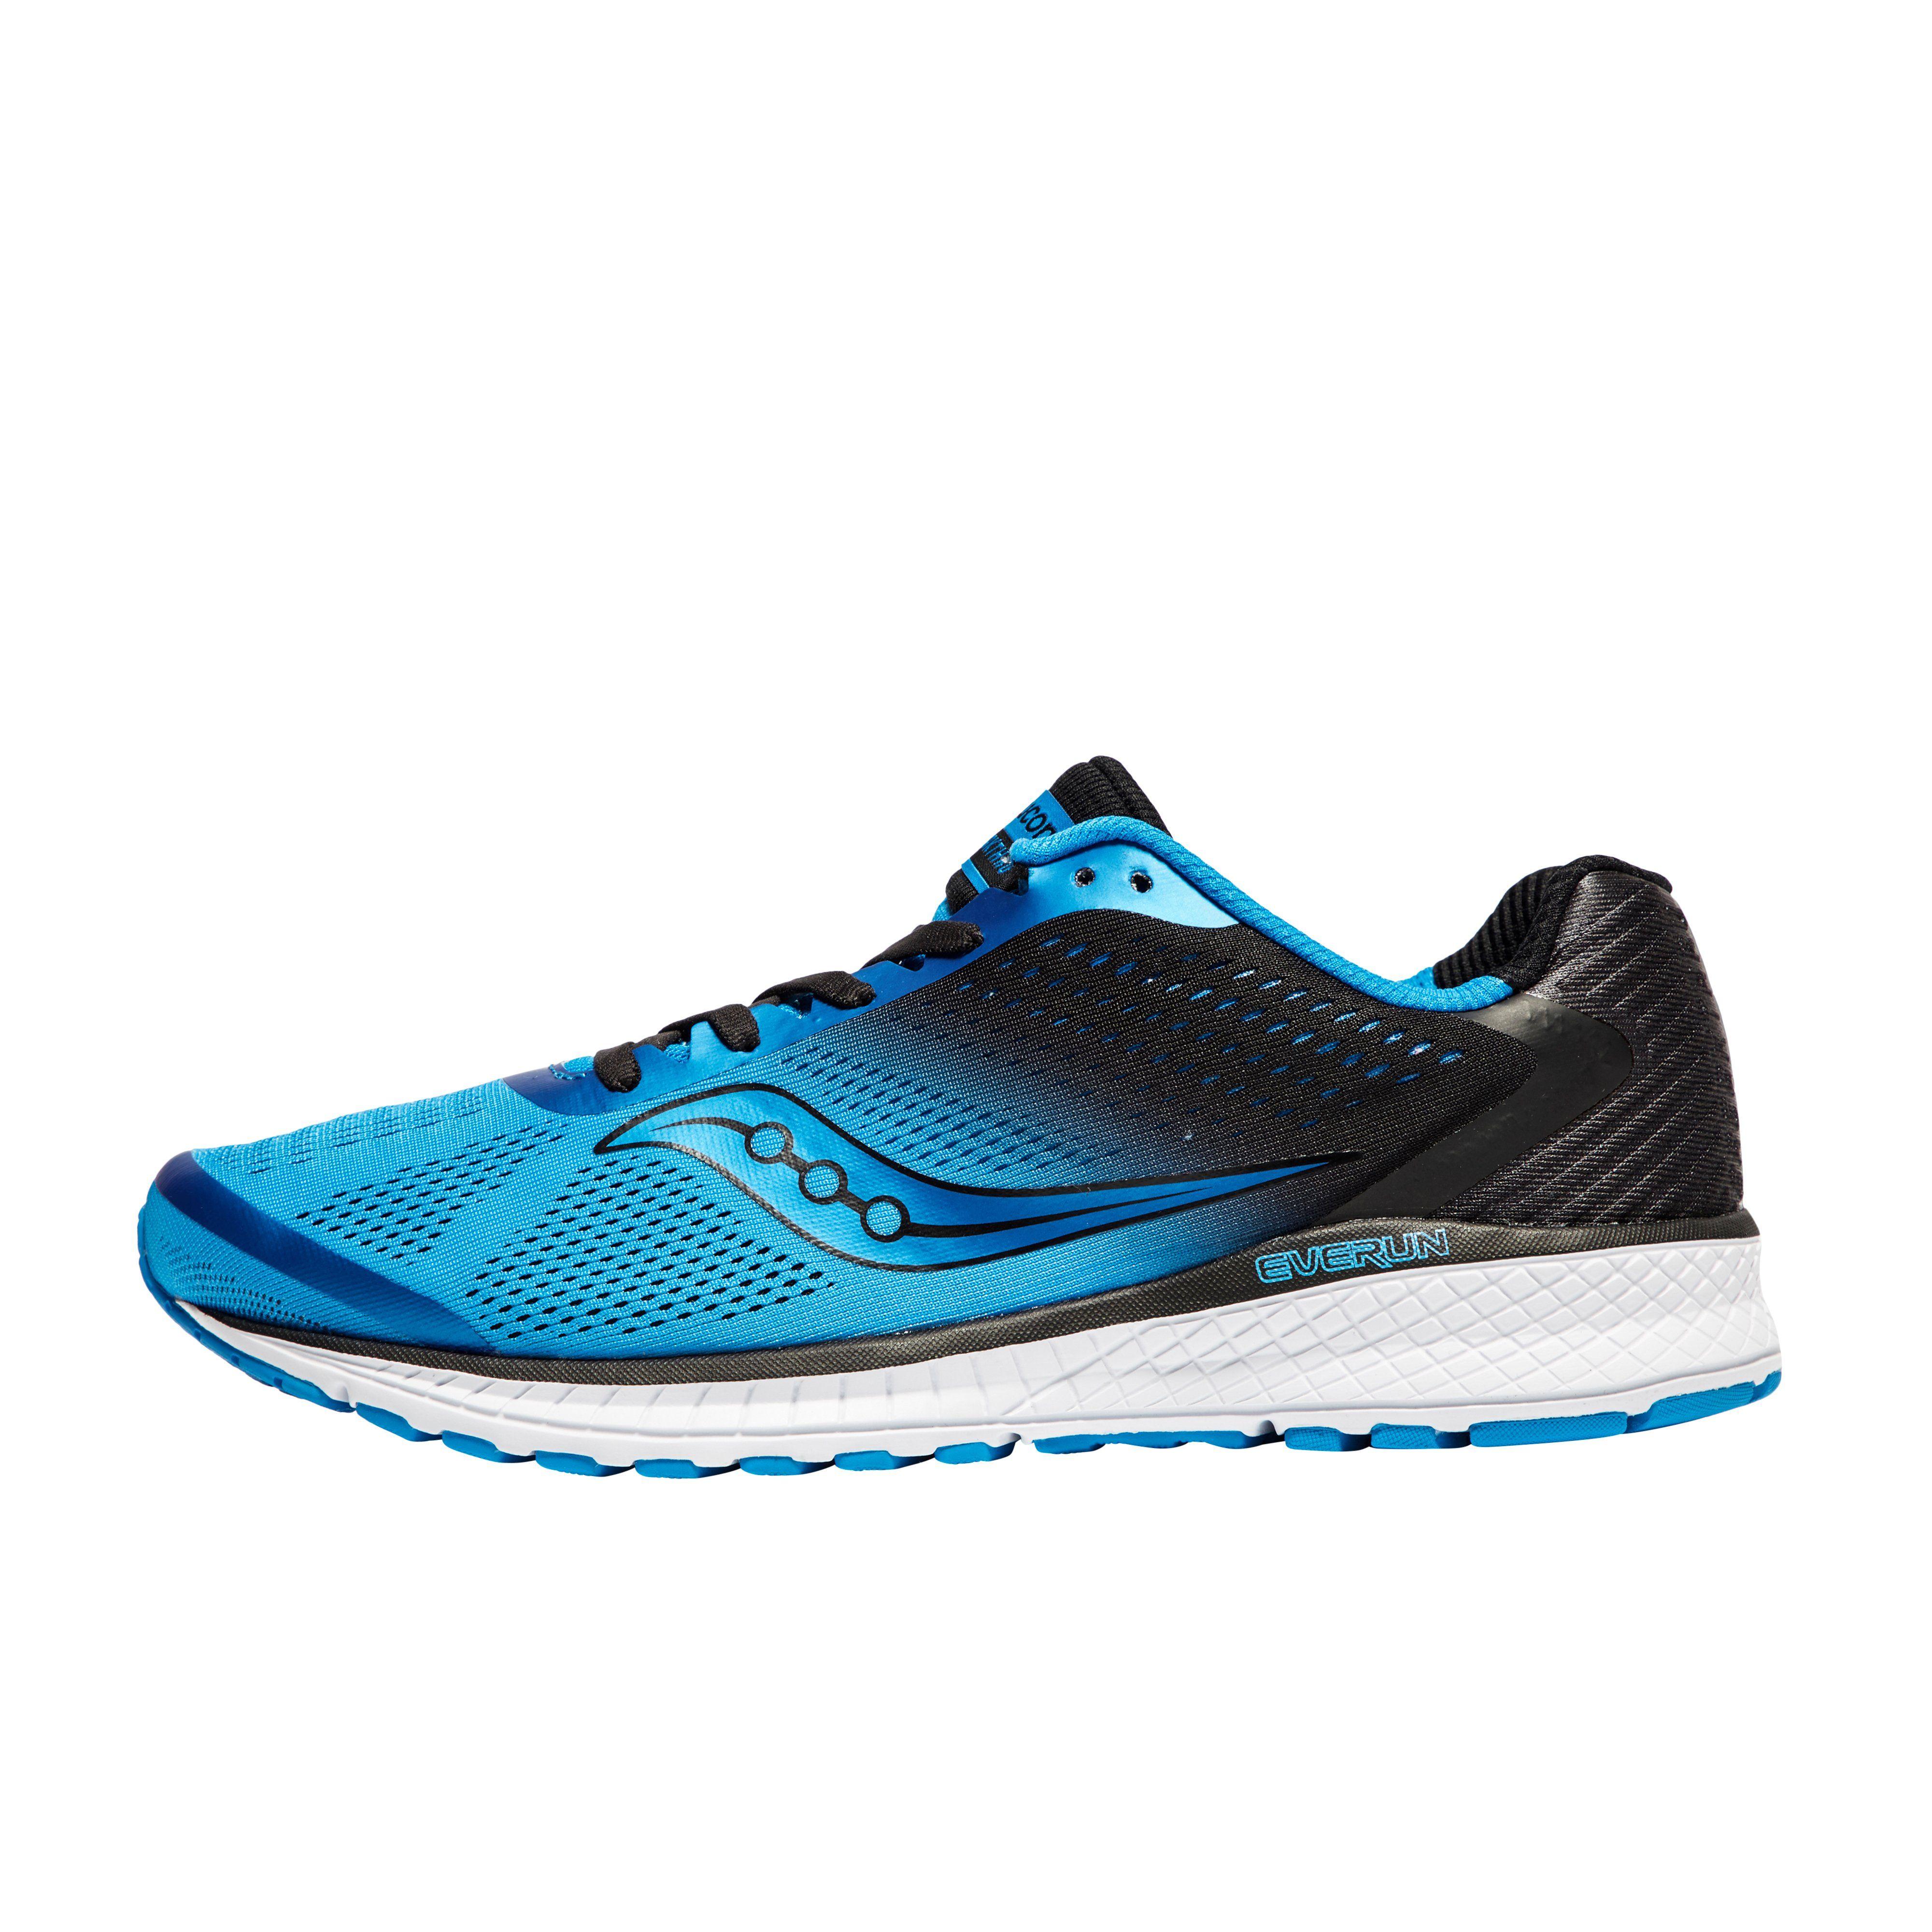 Chaussures Running Saucony Breakthru 4 M Running